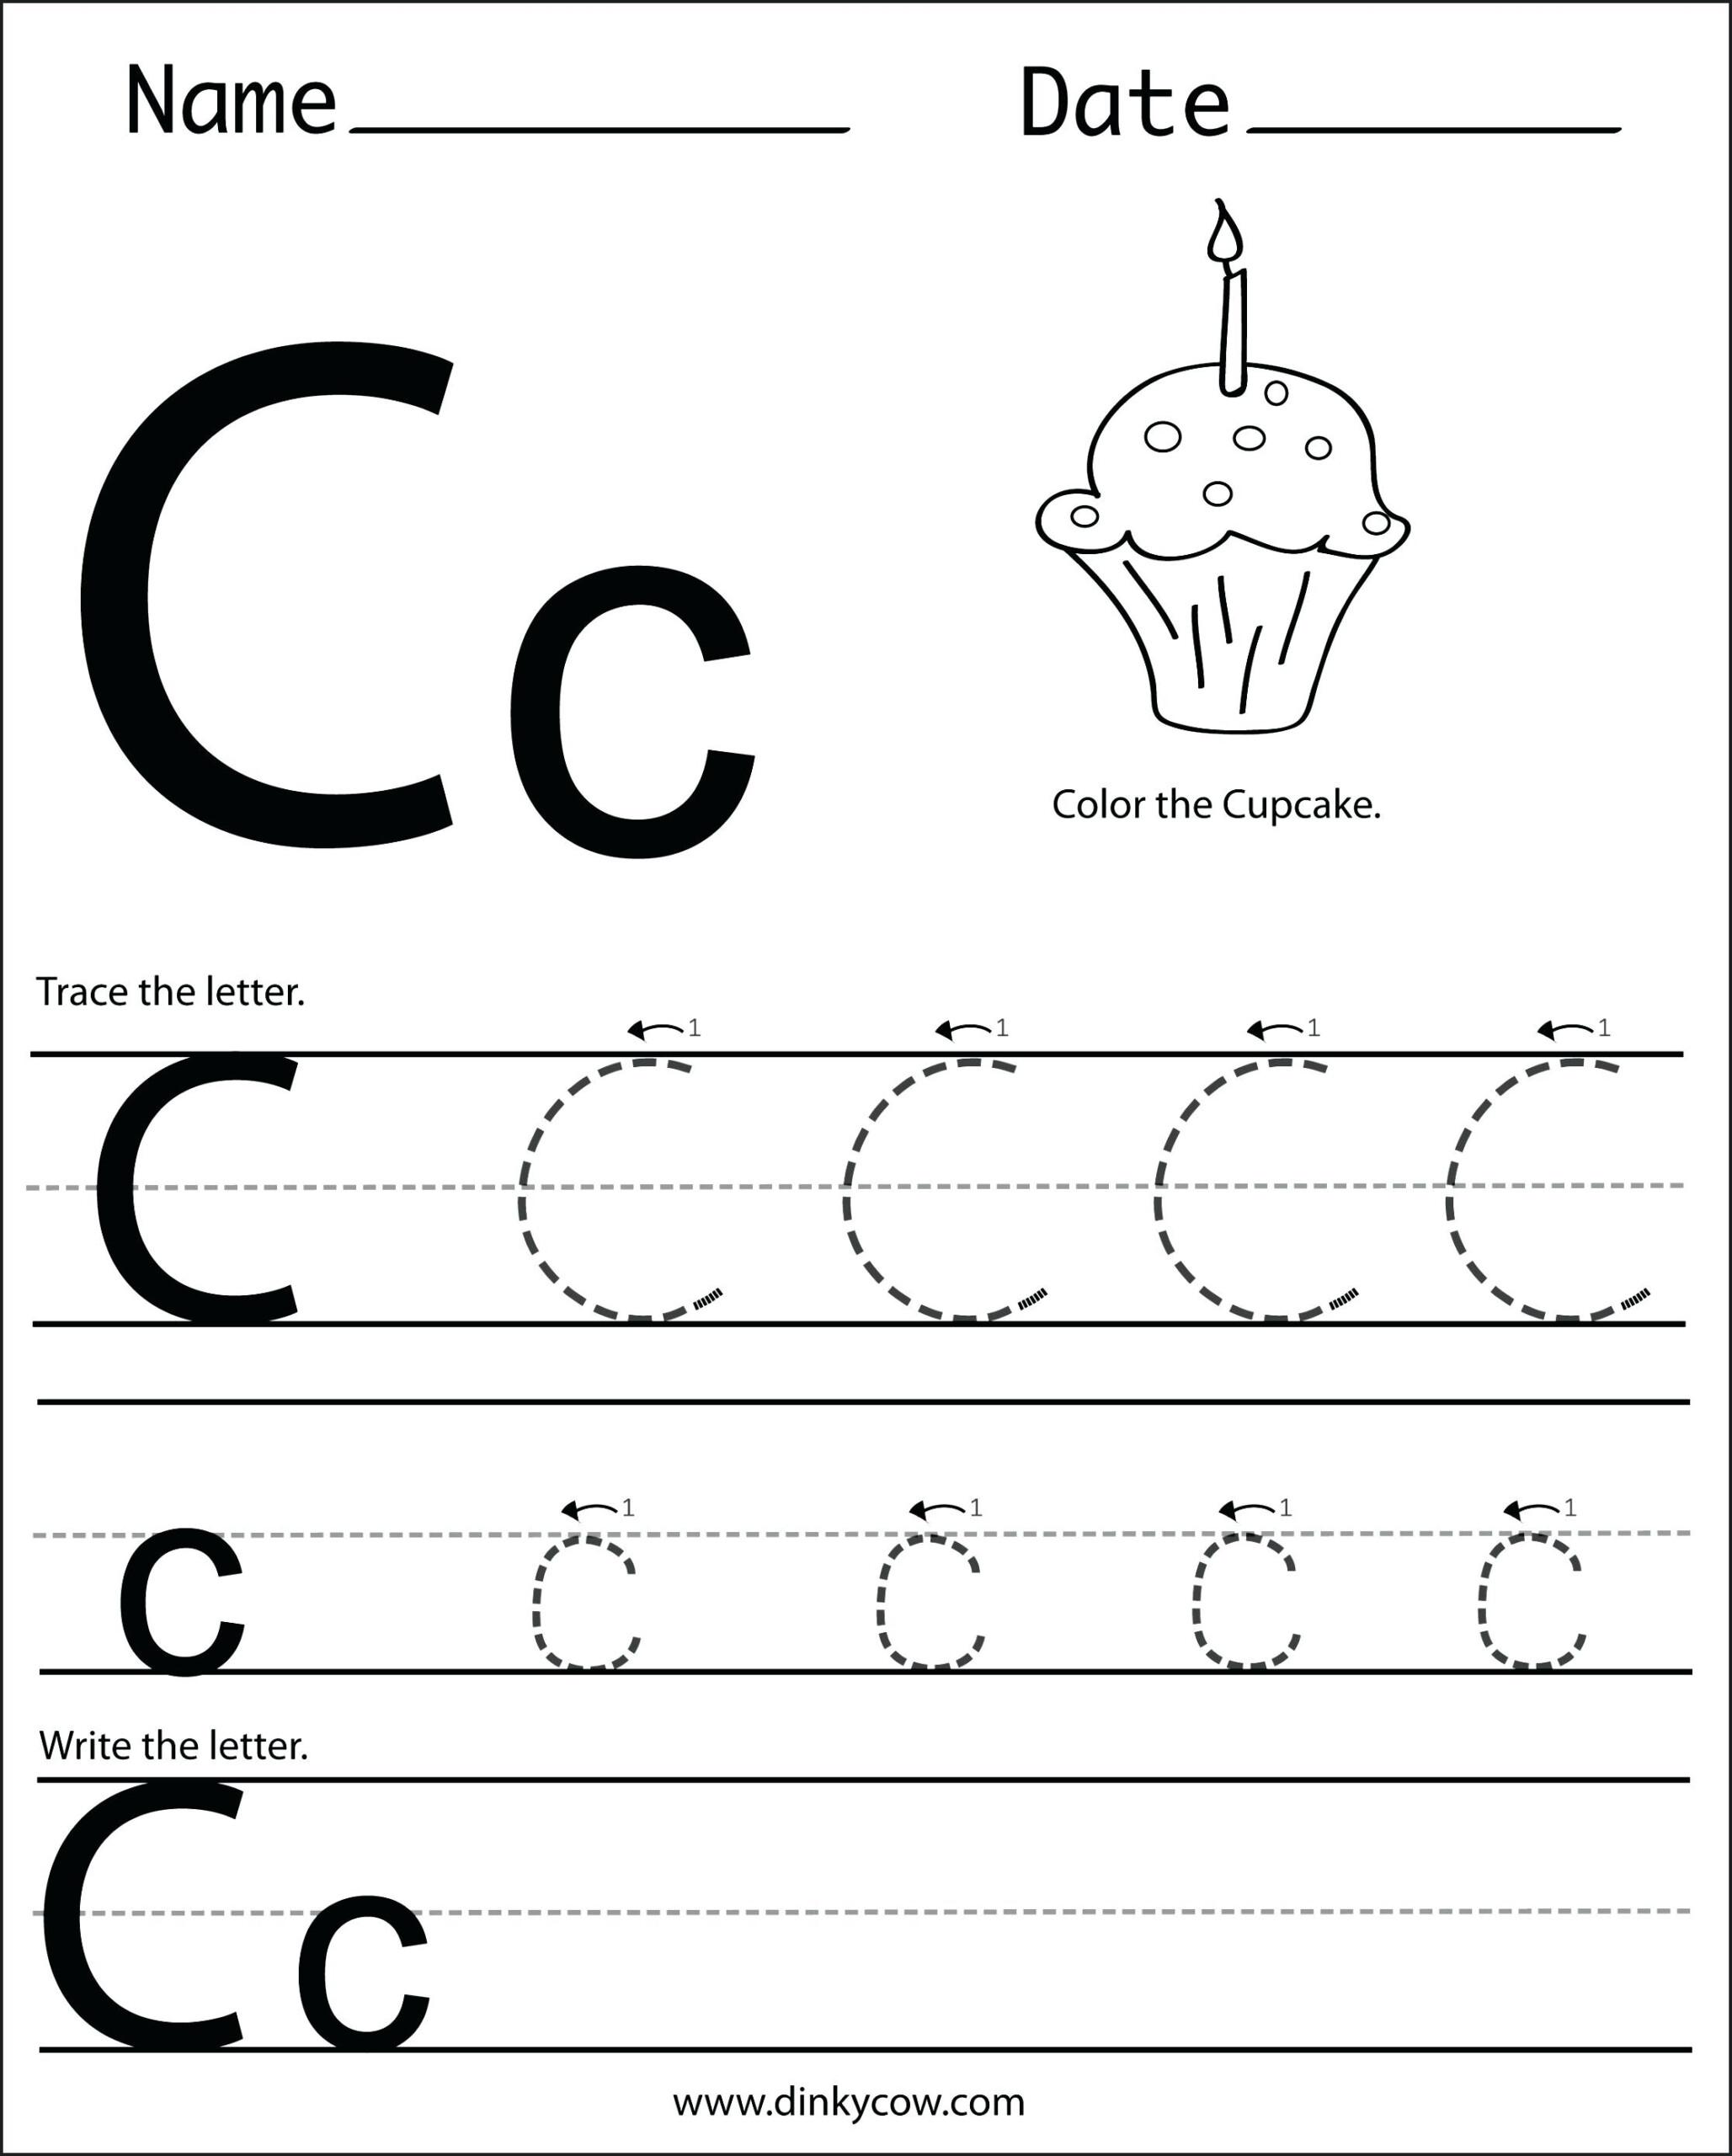 Letter C Worksheets For Preschool Worksheets Letter G